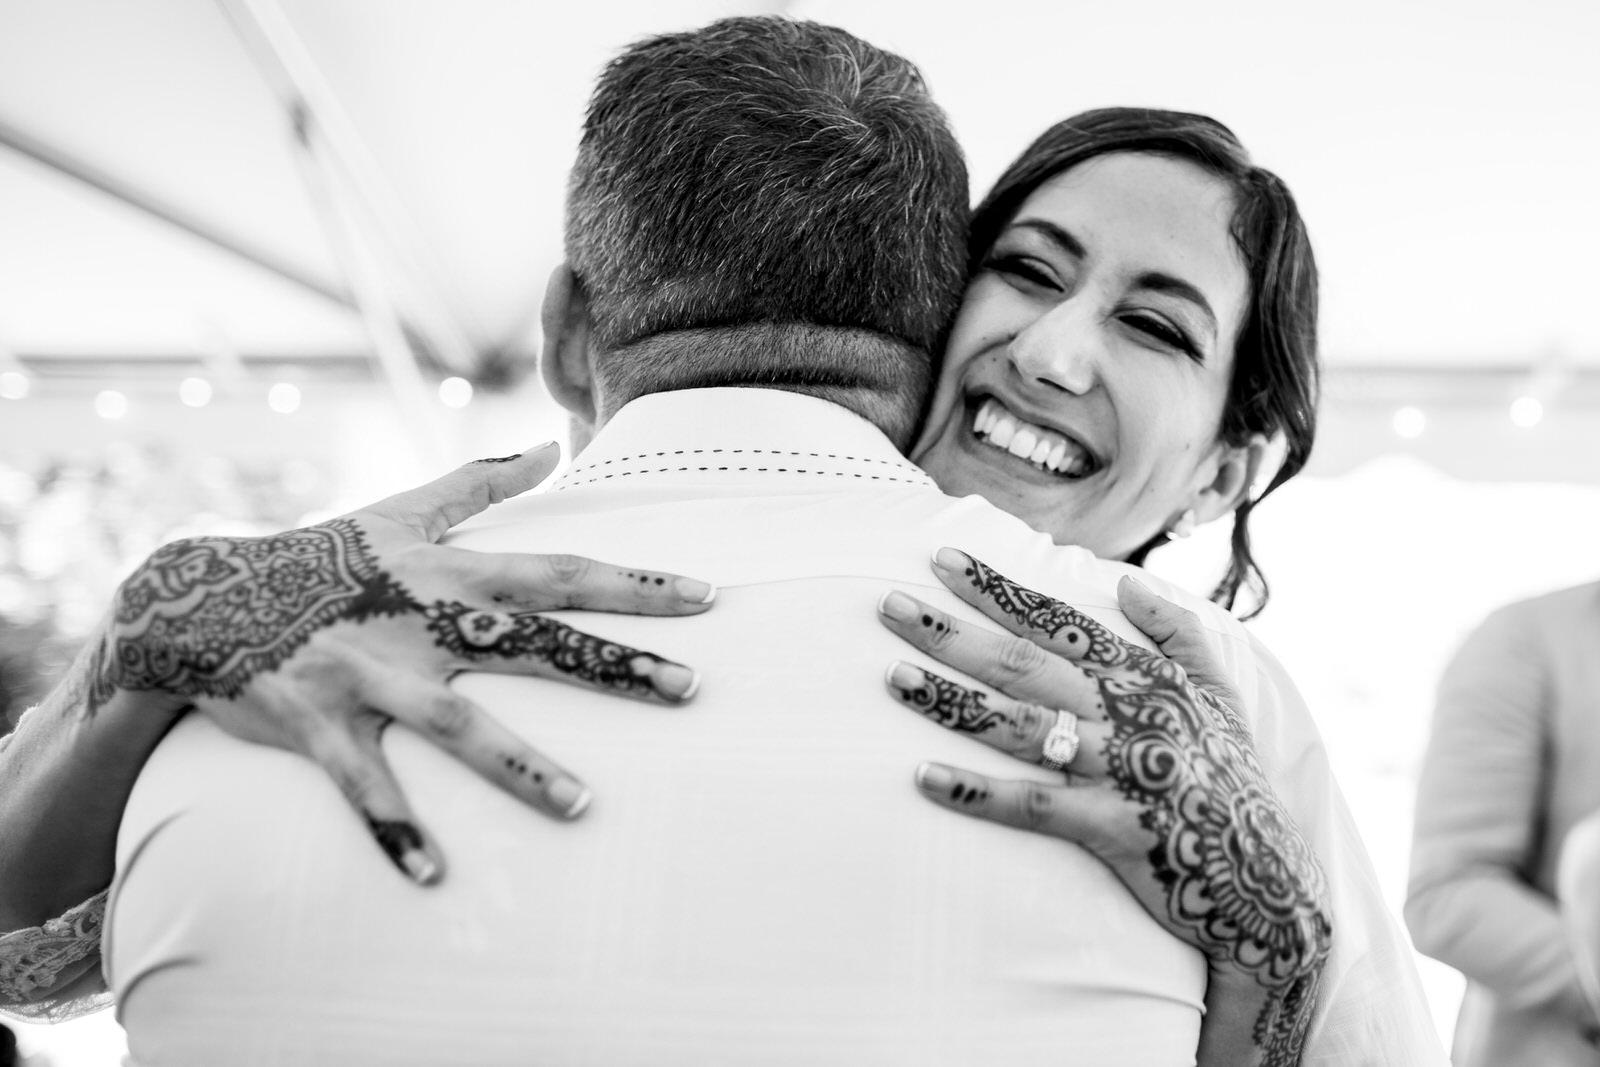 kashi-wedding-reception-tiny-house-photo-embrace-black-and-white-hug.jpg